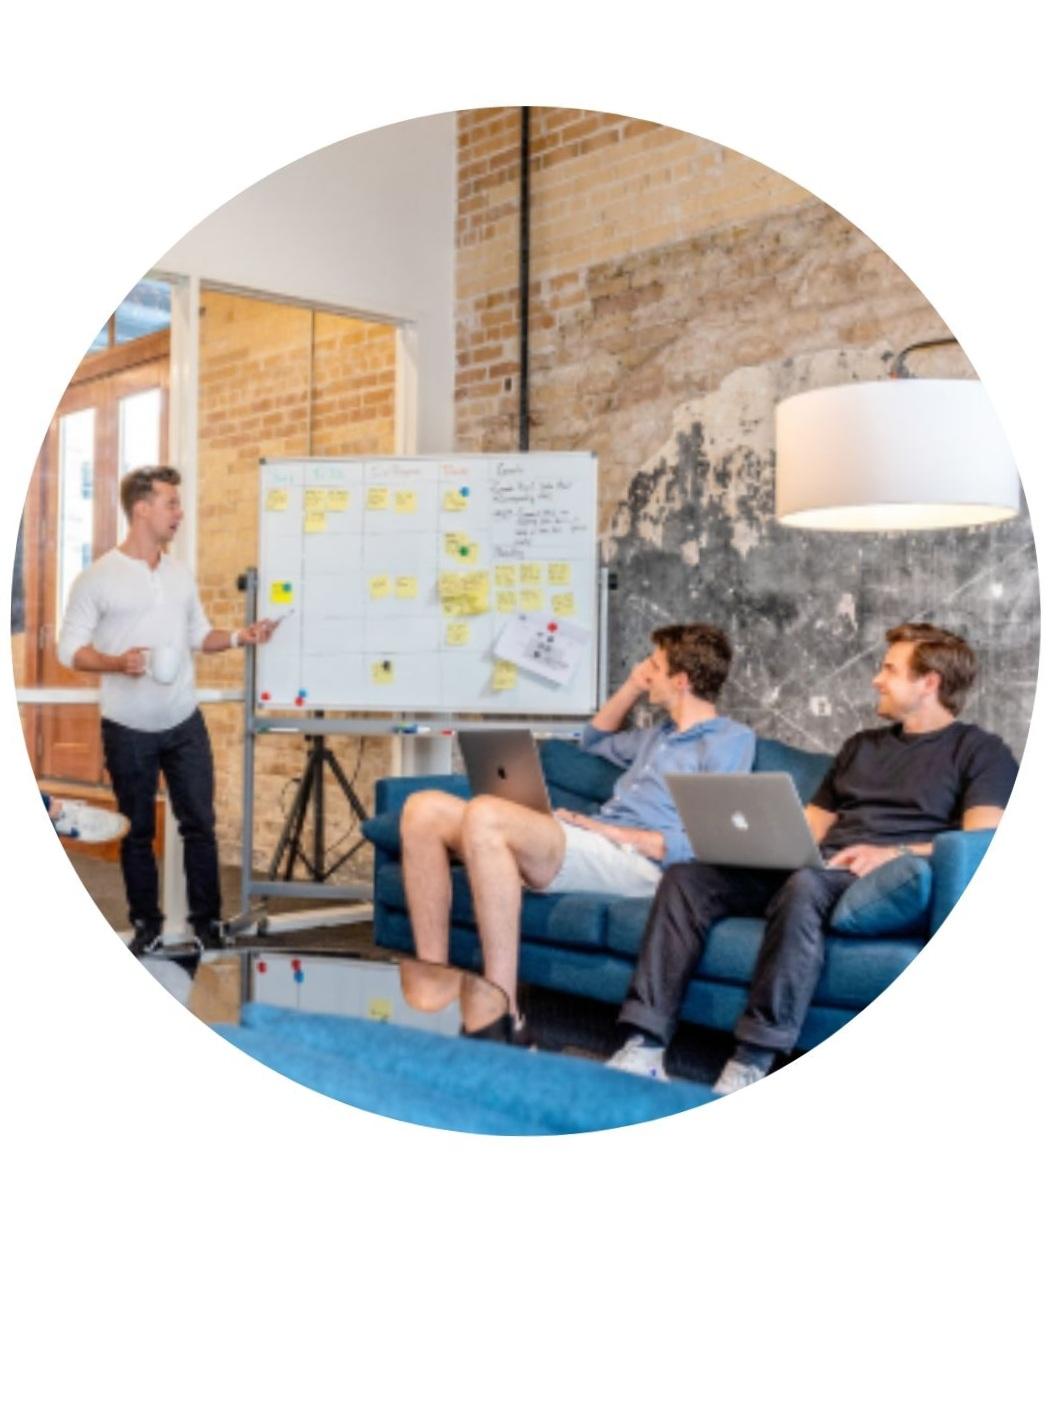 tasca-studios-team-meeting.jpg